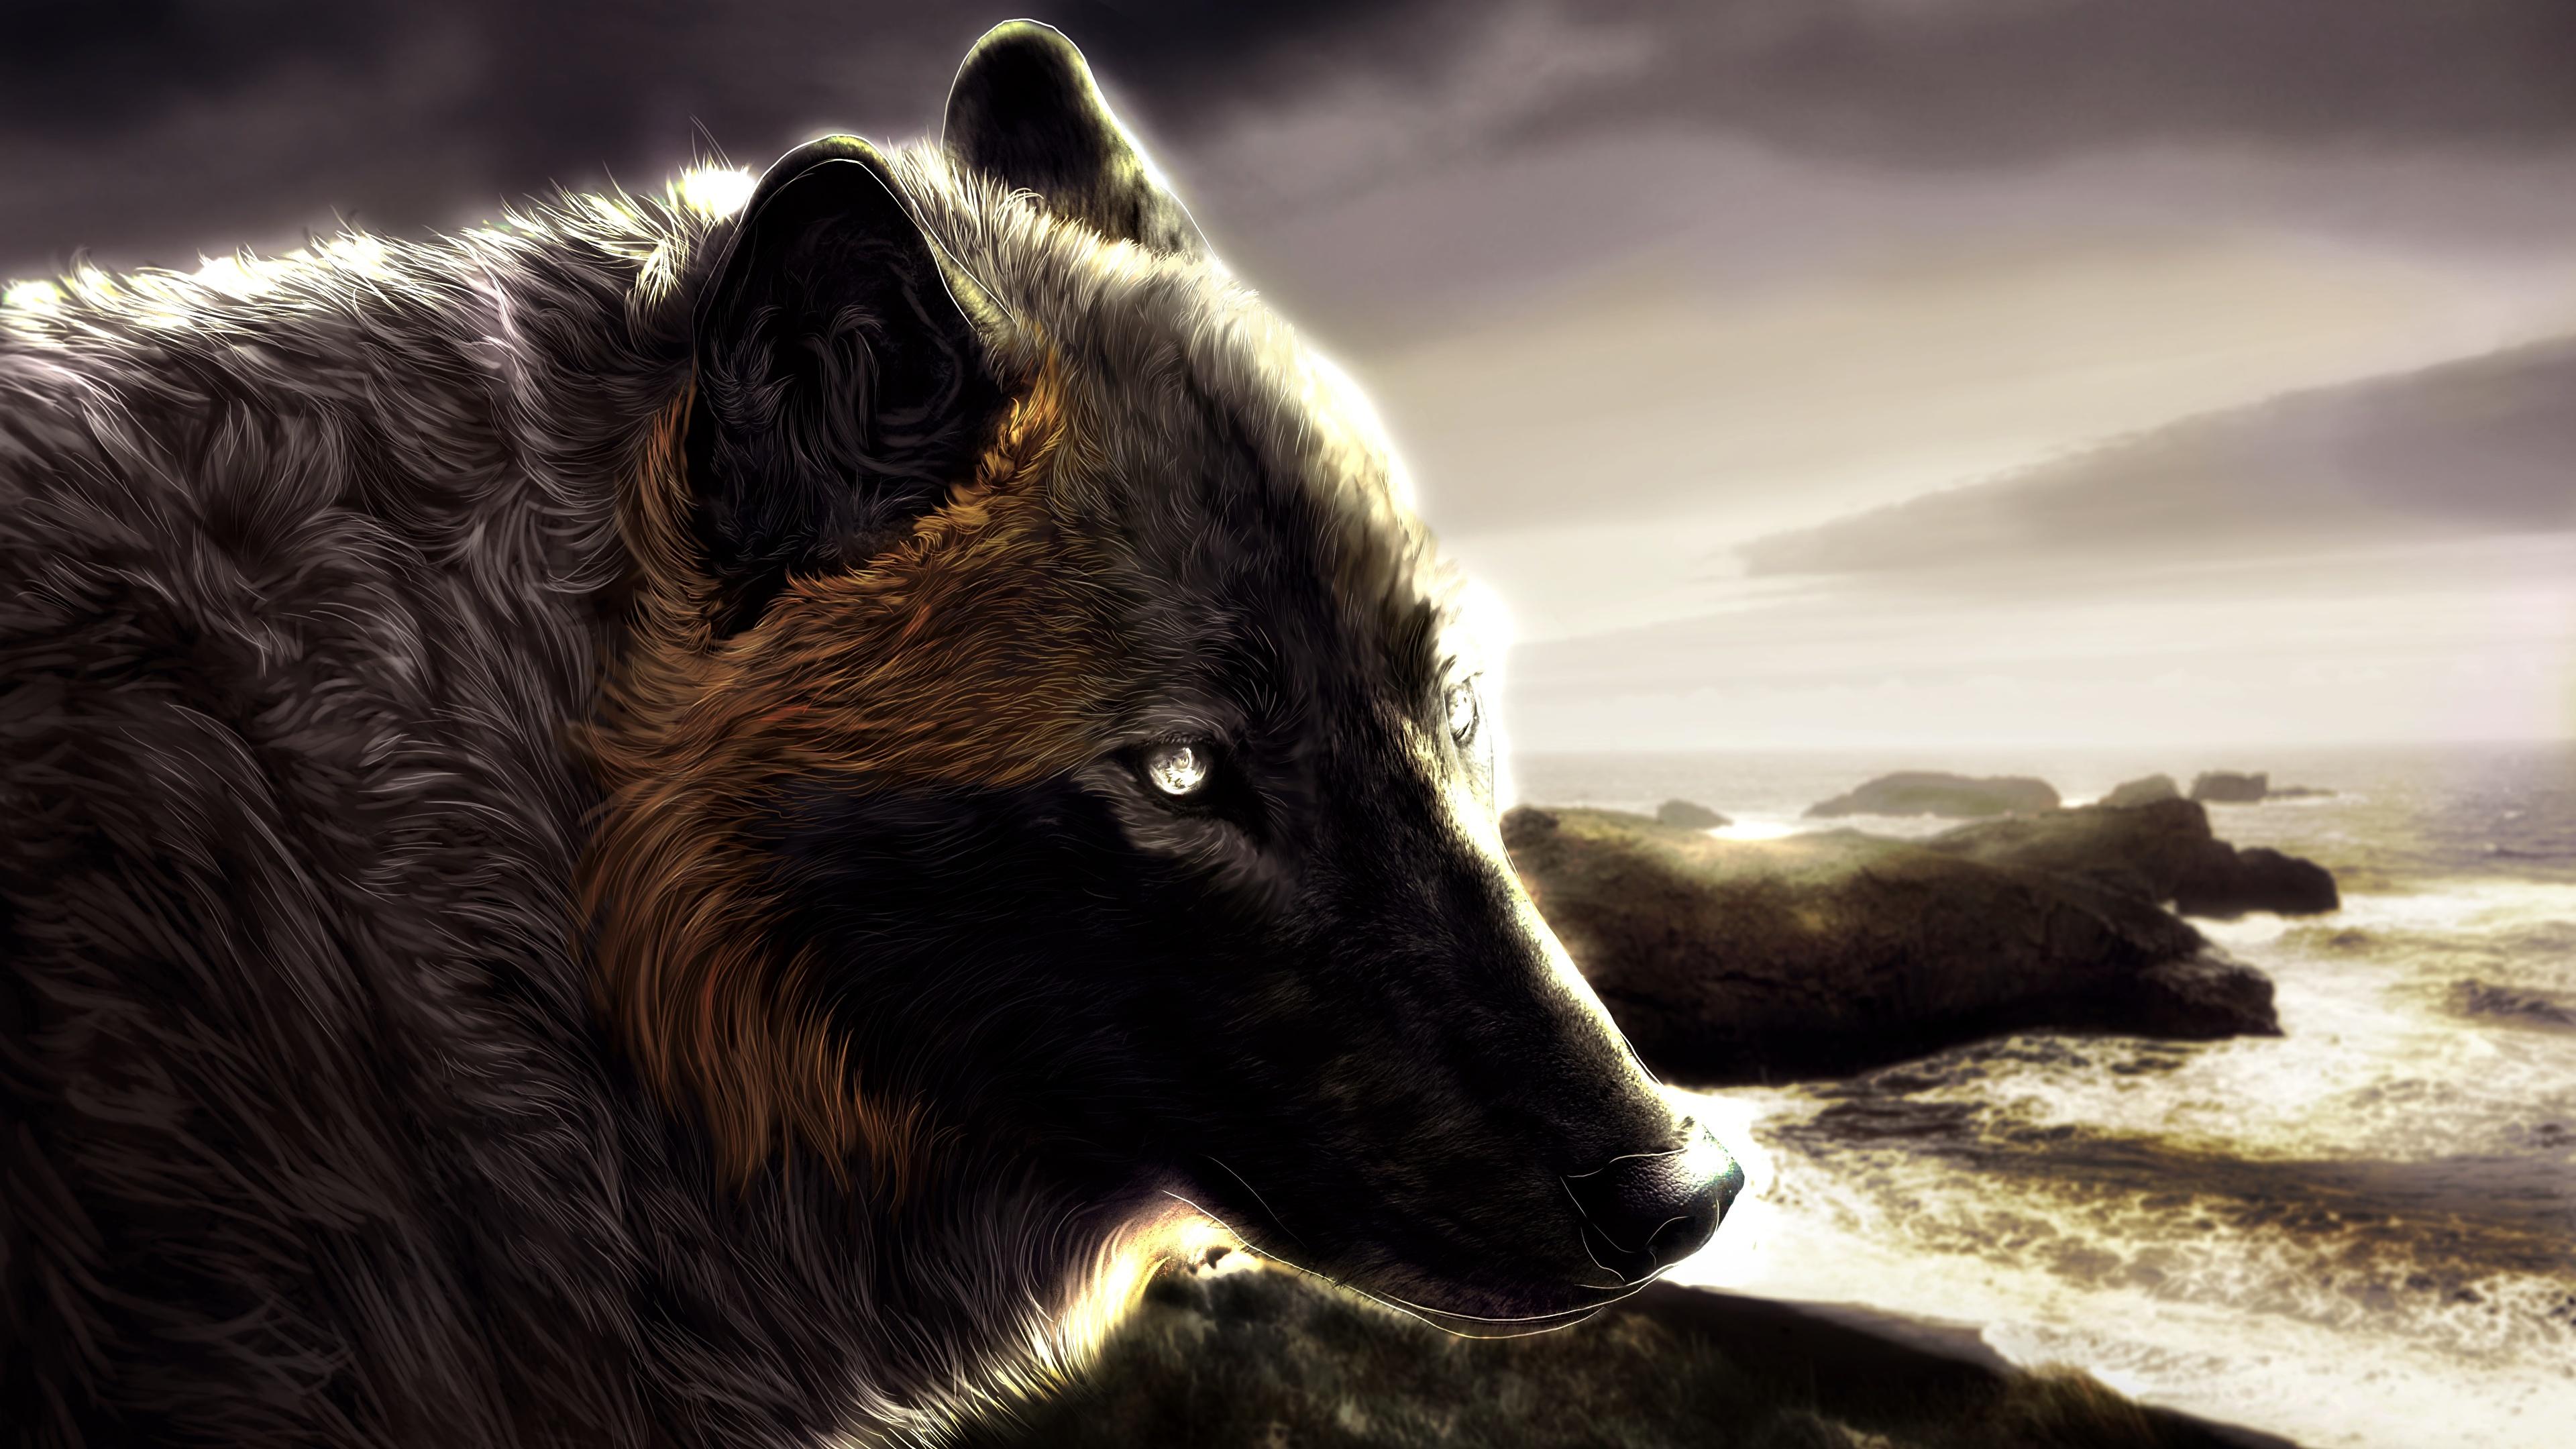 壁紙 3840x2160 狼 绘制壁纸 头 動物 下载 照片